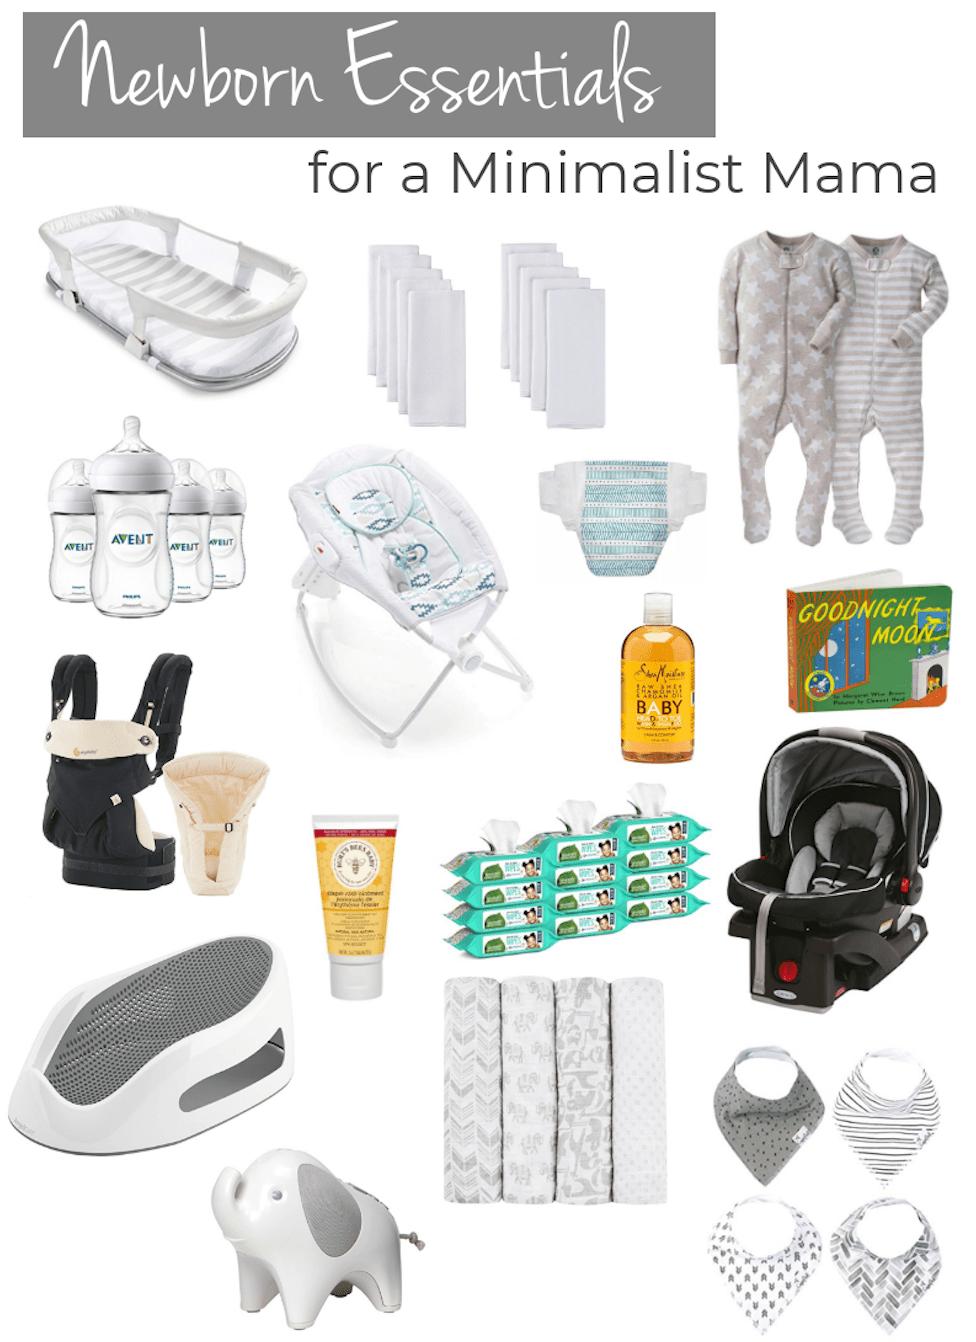 Newborn Essentials For A Minimalist Mama